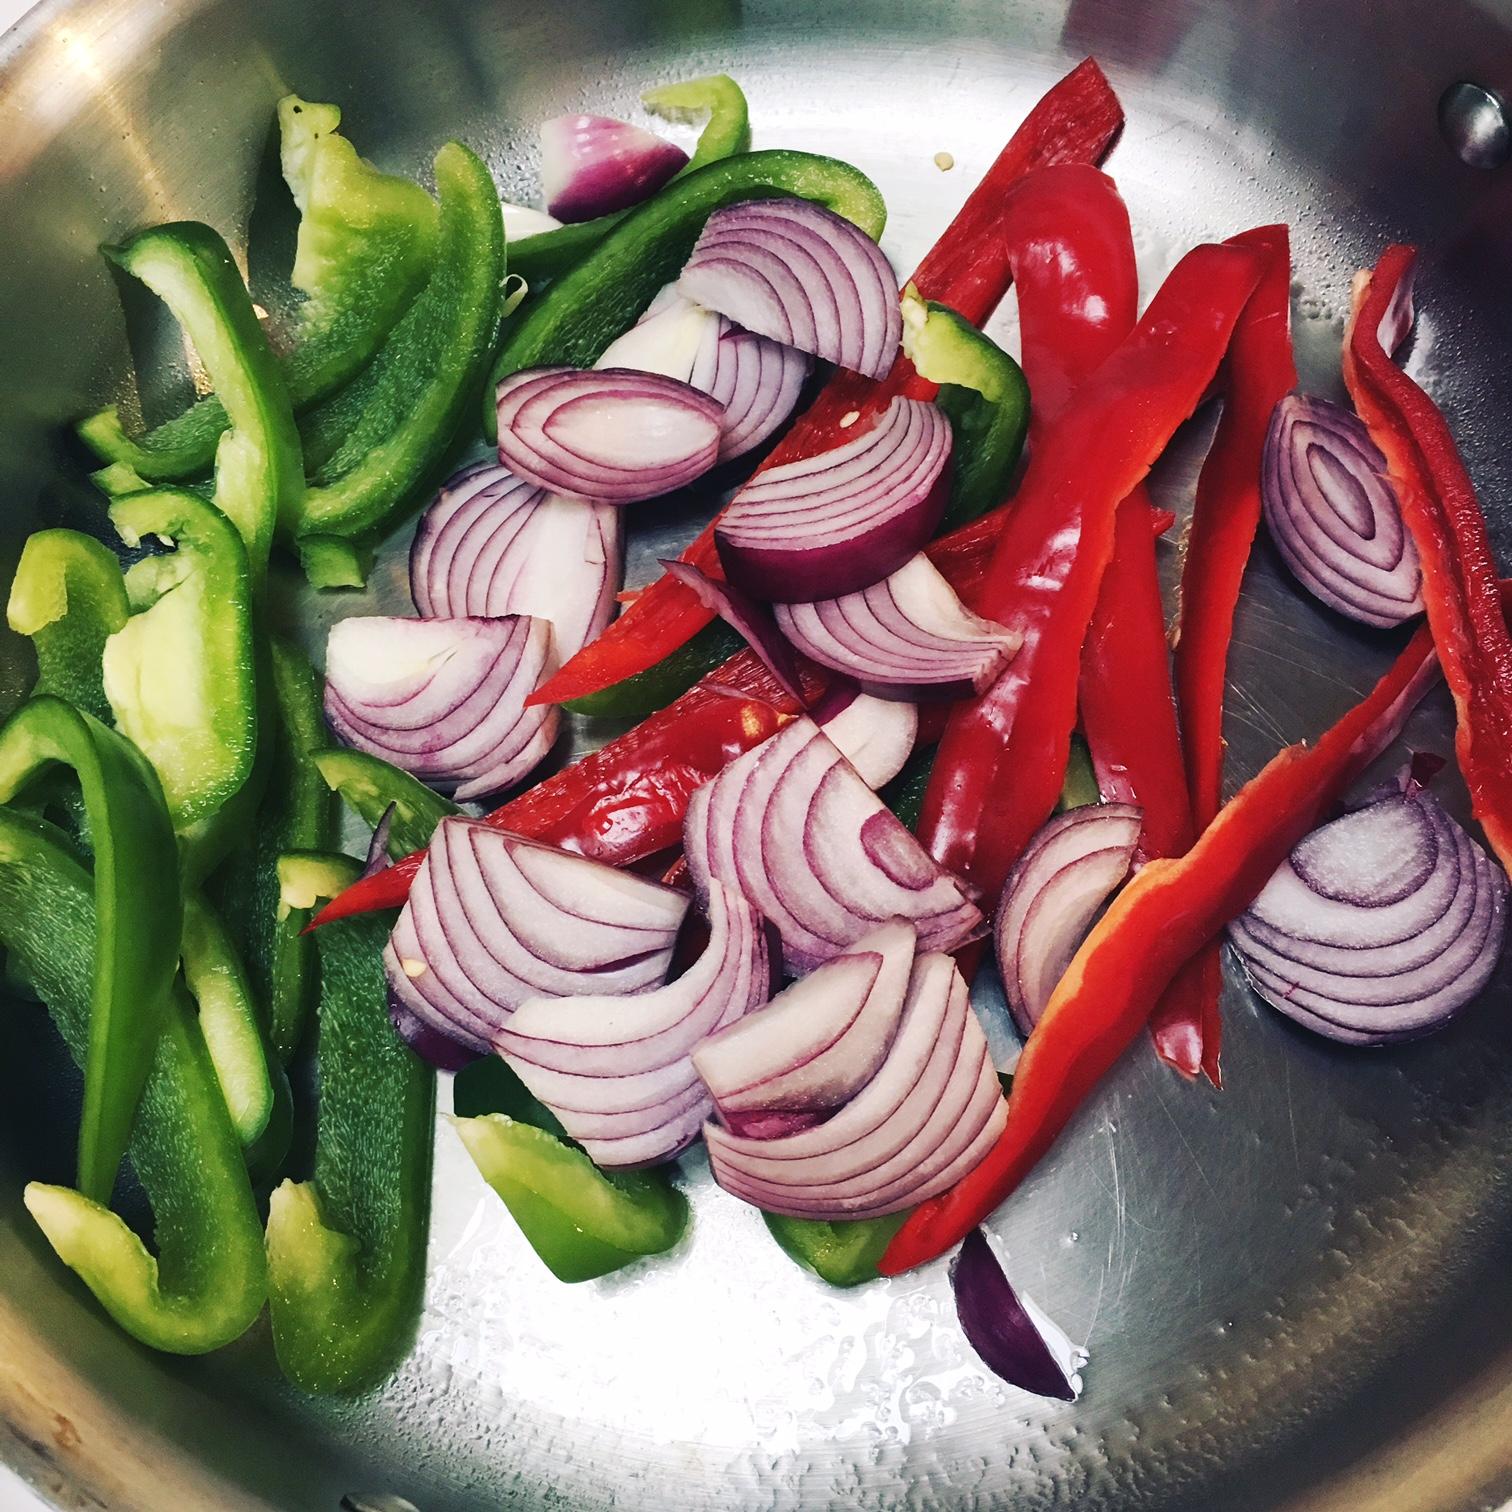 veggies in pan.jpg